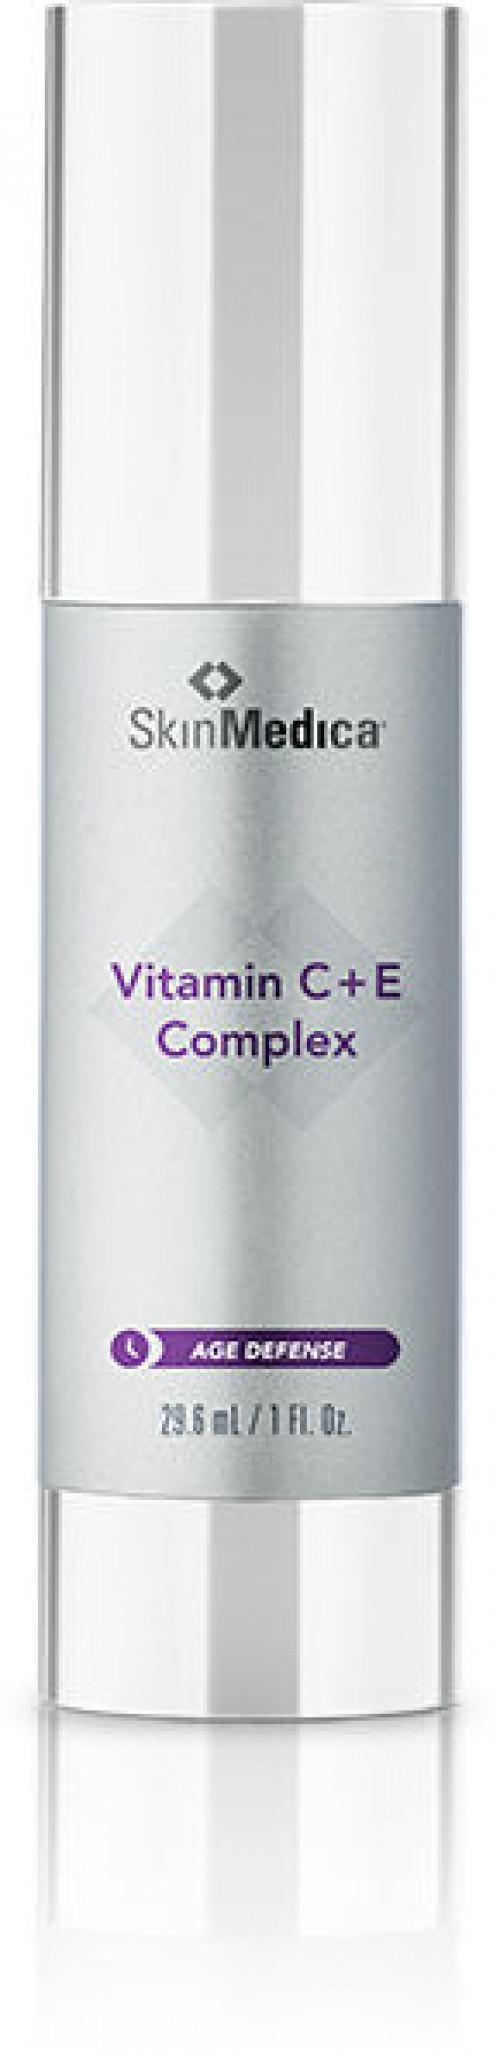 Vitamin C+E Complex by SkinMedica